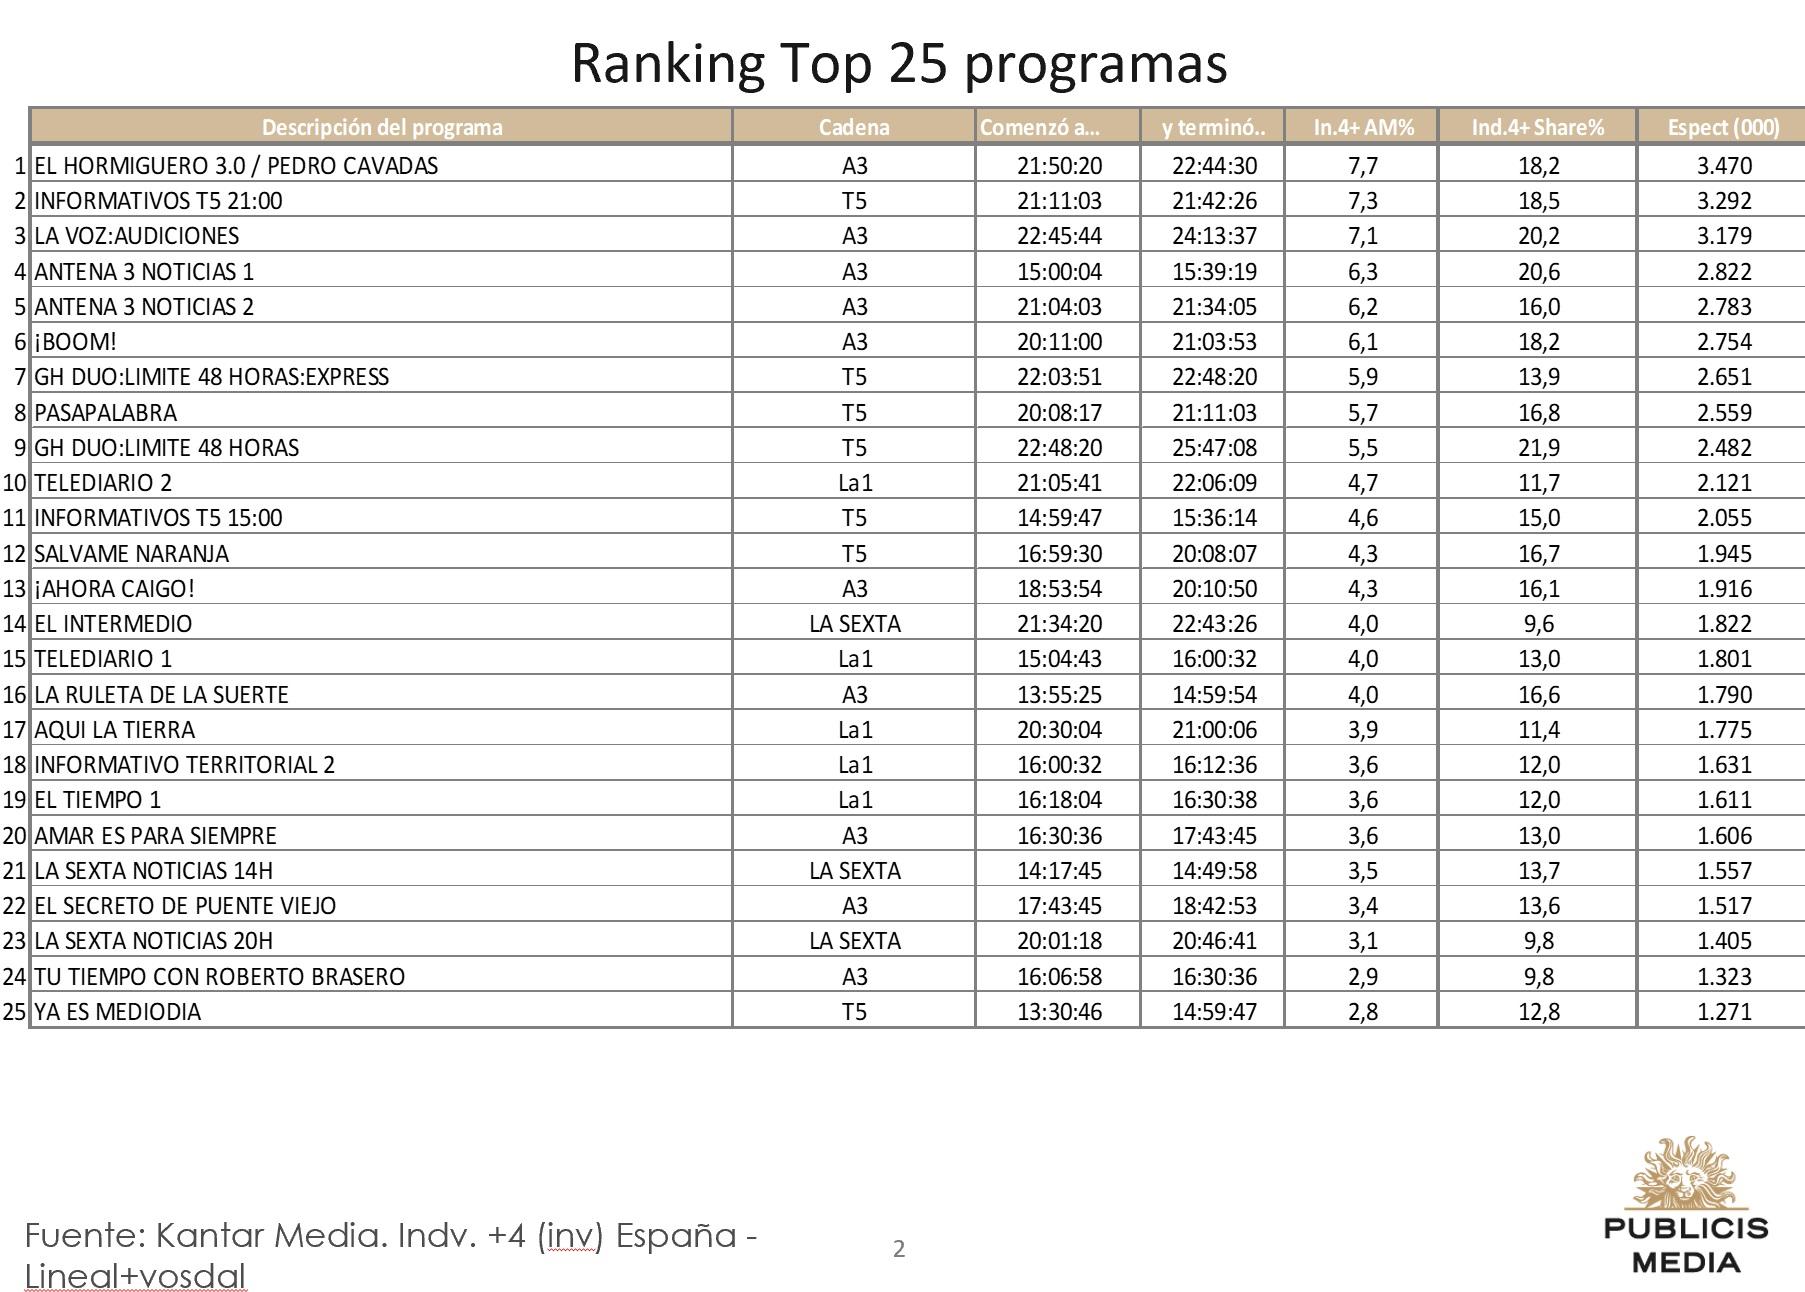 https://www.programapublicidad.com/wp-content/uploads/2019/01/Top-25-Publicis-media-29-enero-2019-programapublicidad-muy-grande.jpg